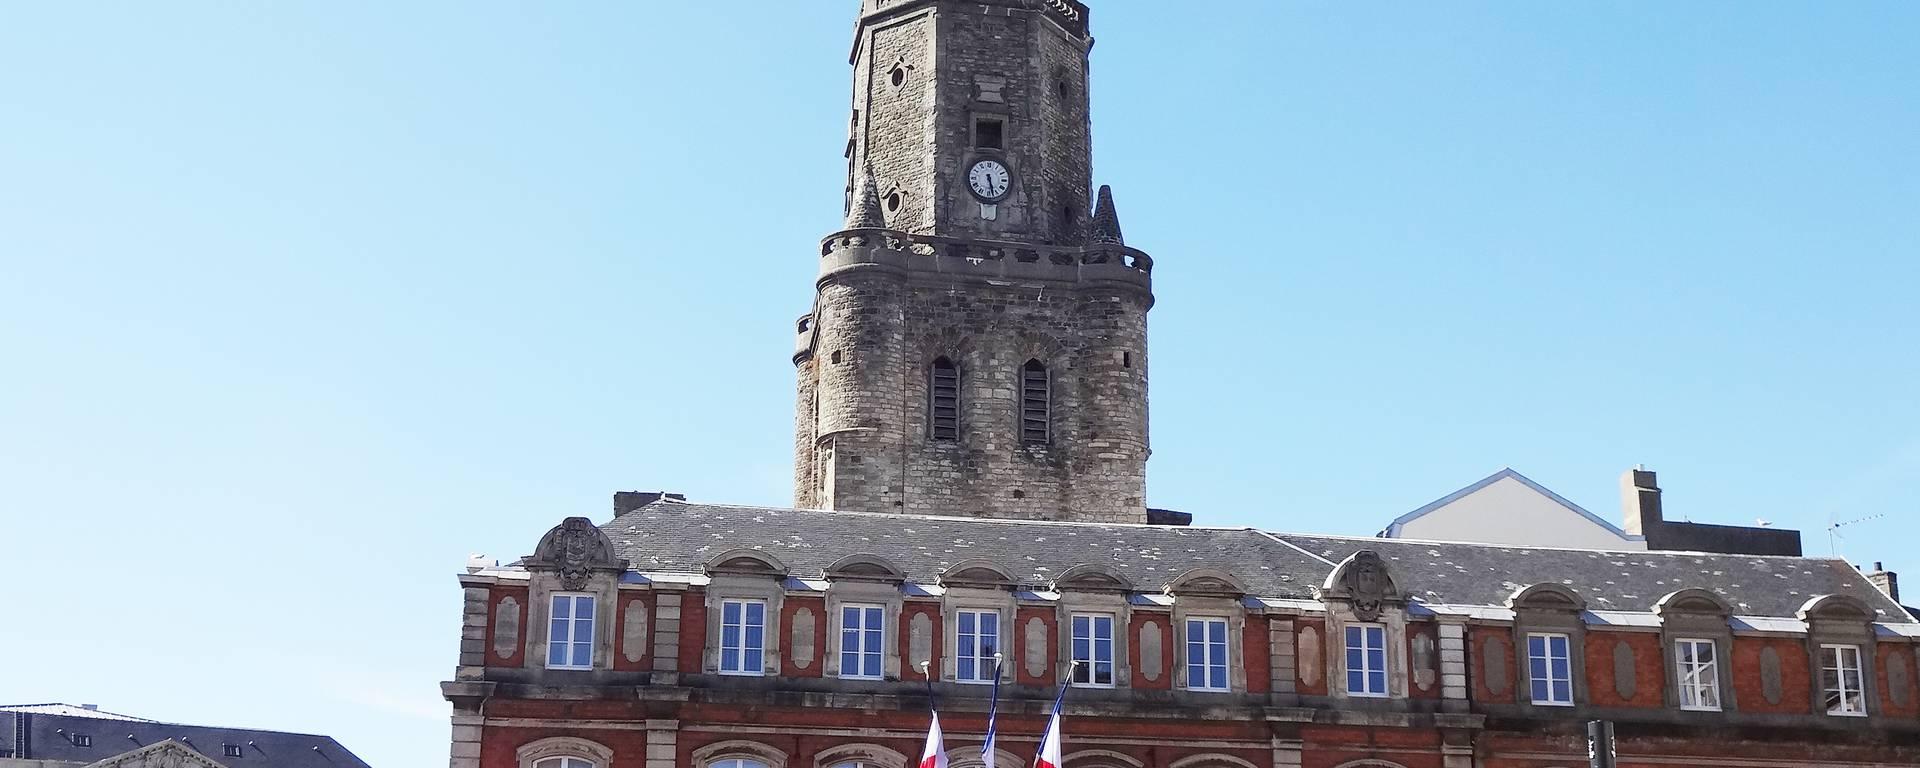 Le Beffroi Boulogne-sur-Mer